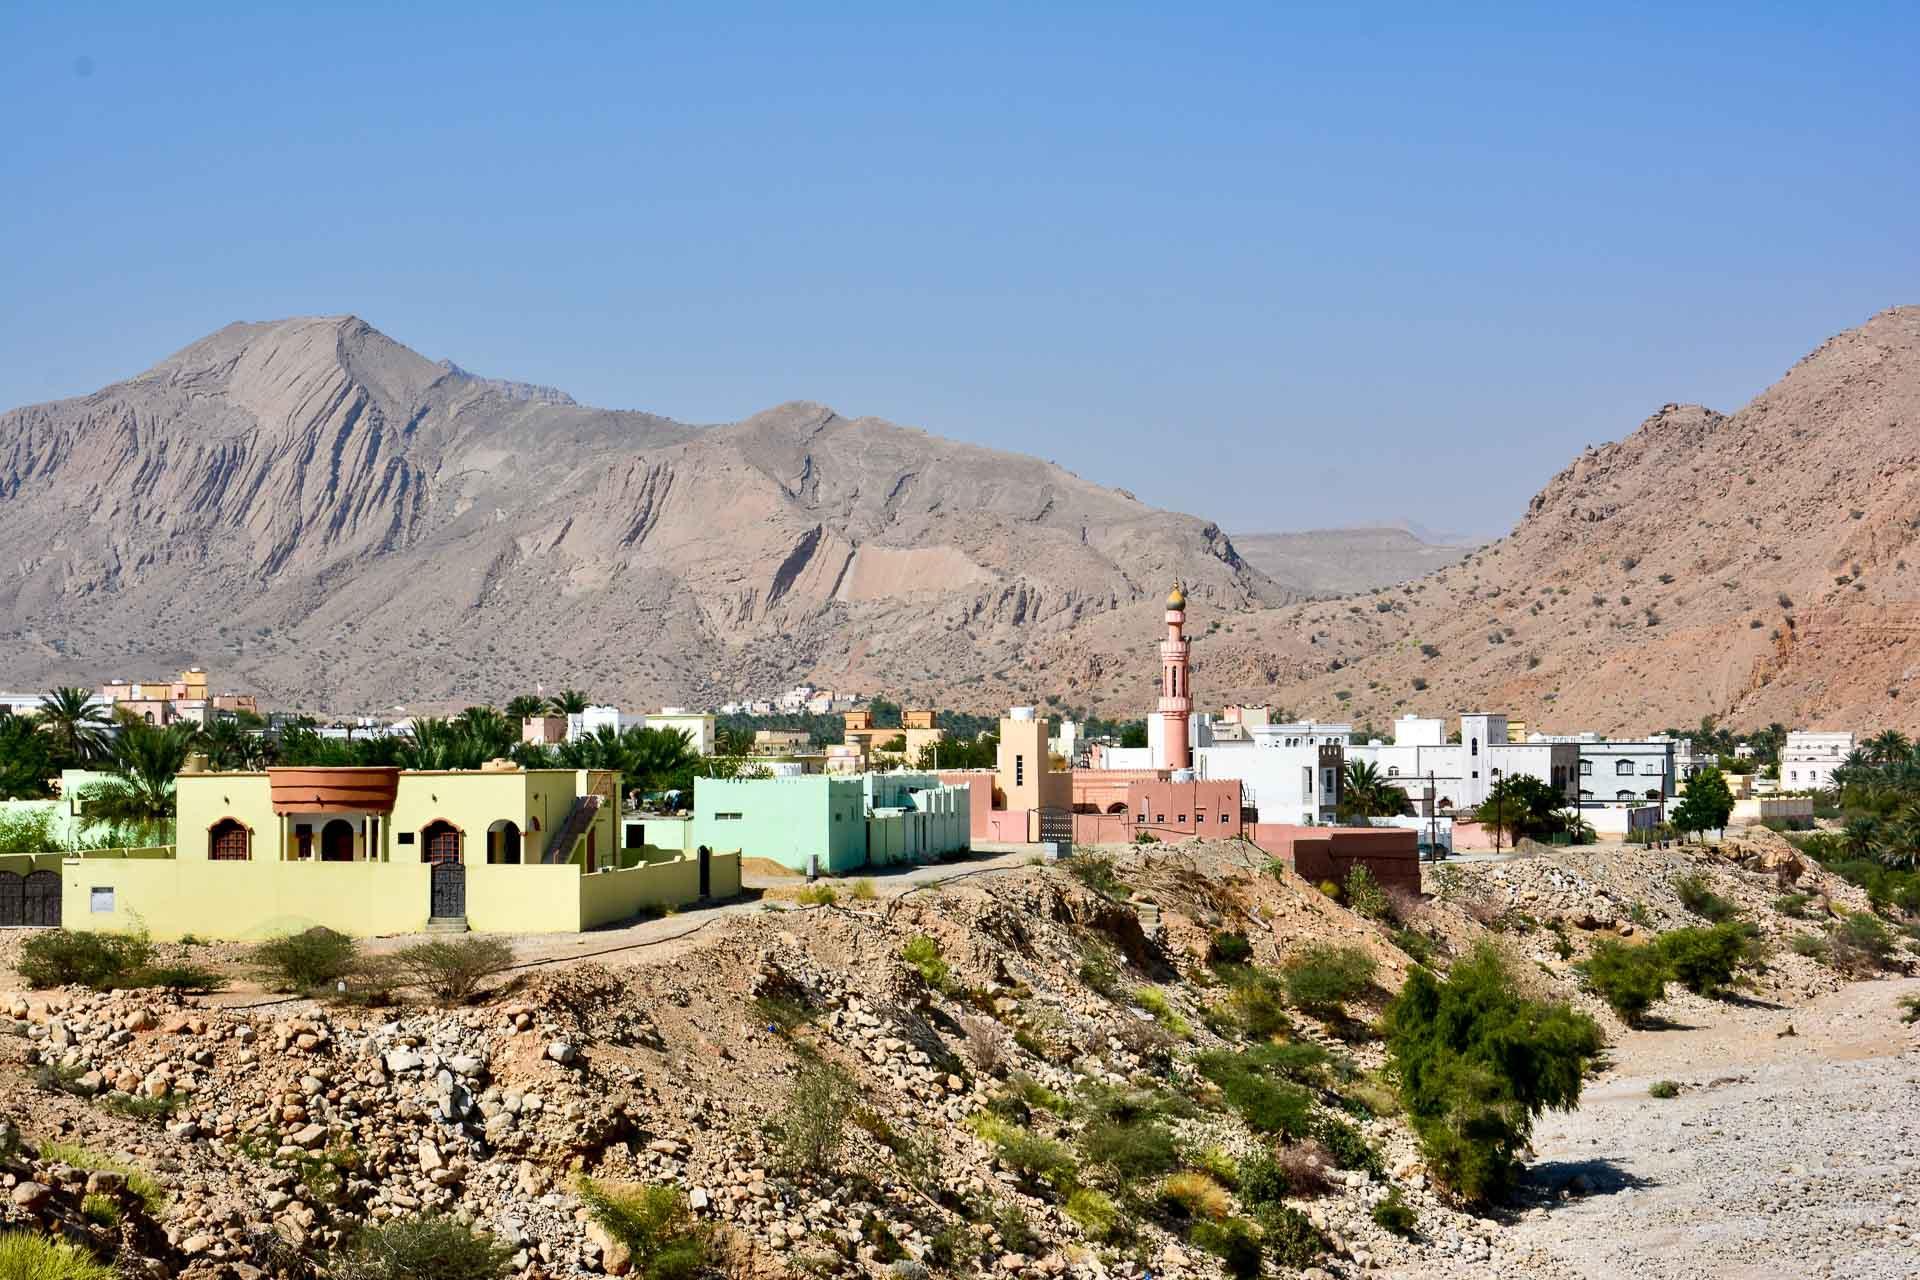 Les villages colorés sur les routes d'Oman. © Emmanuel Laveran.